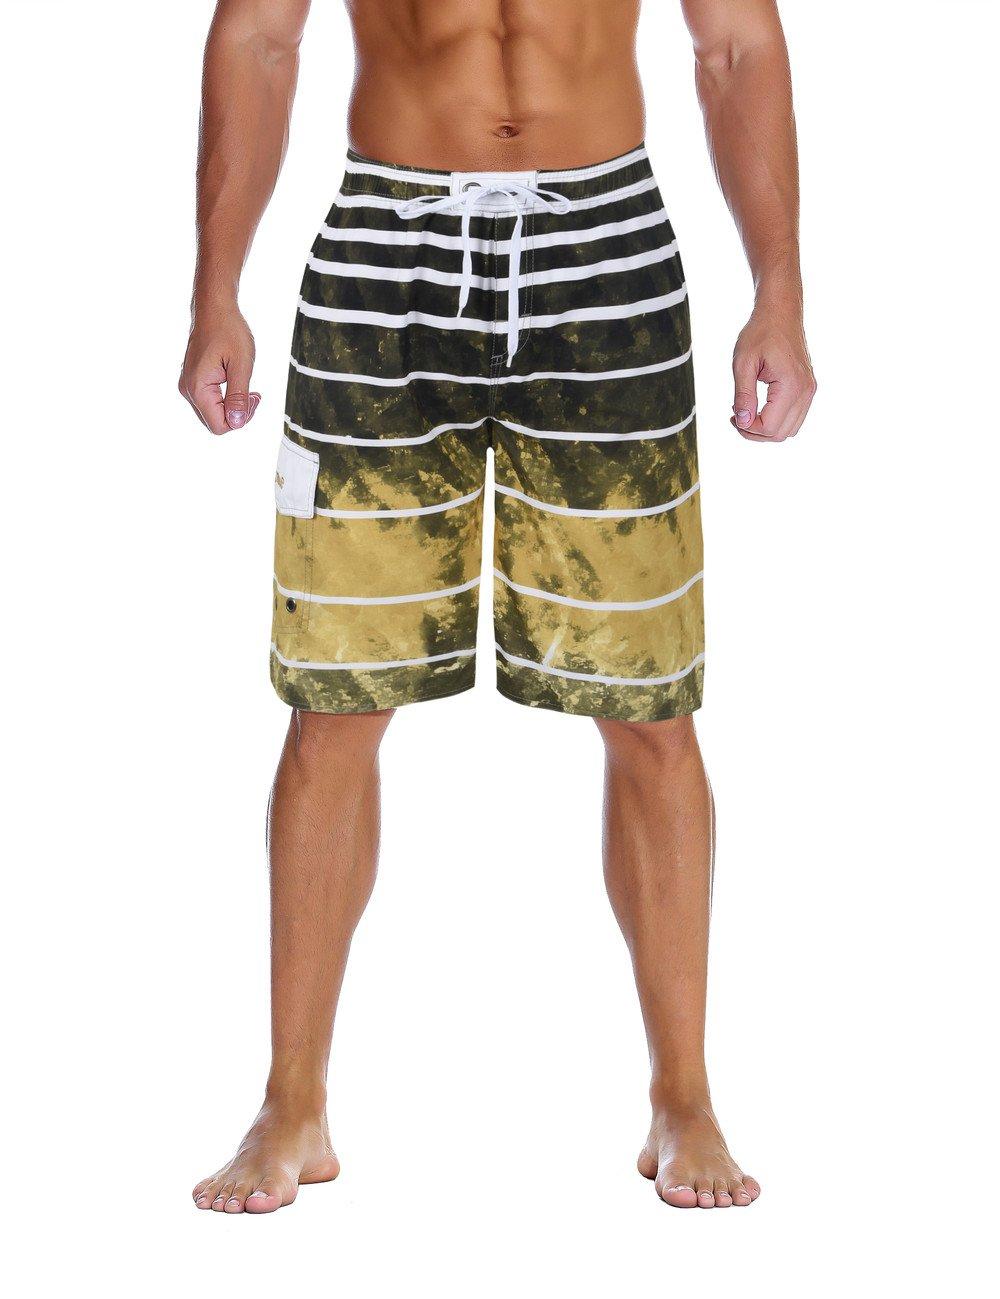 Nonwe Men's Beachwear Quick Dry Holiday Drawstring Striped Swim Trunks Ginger 38